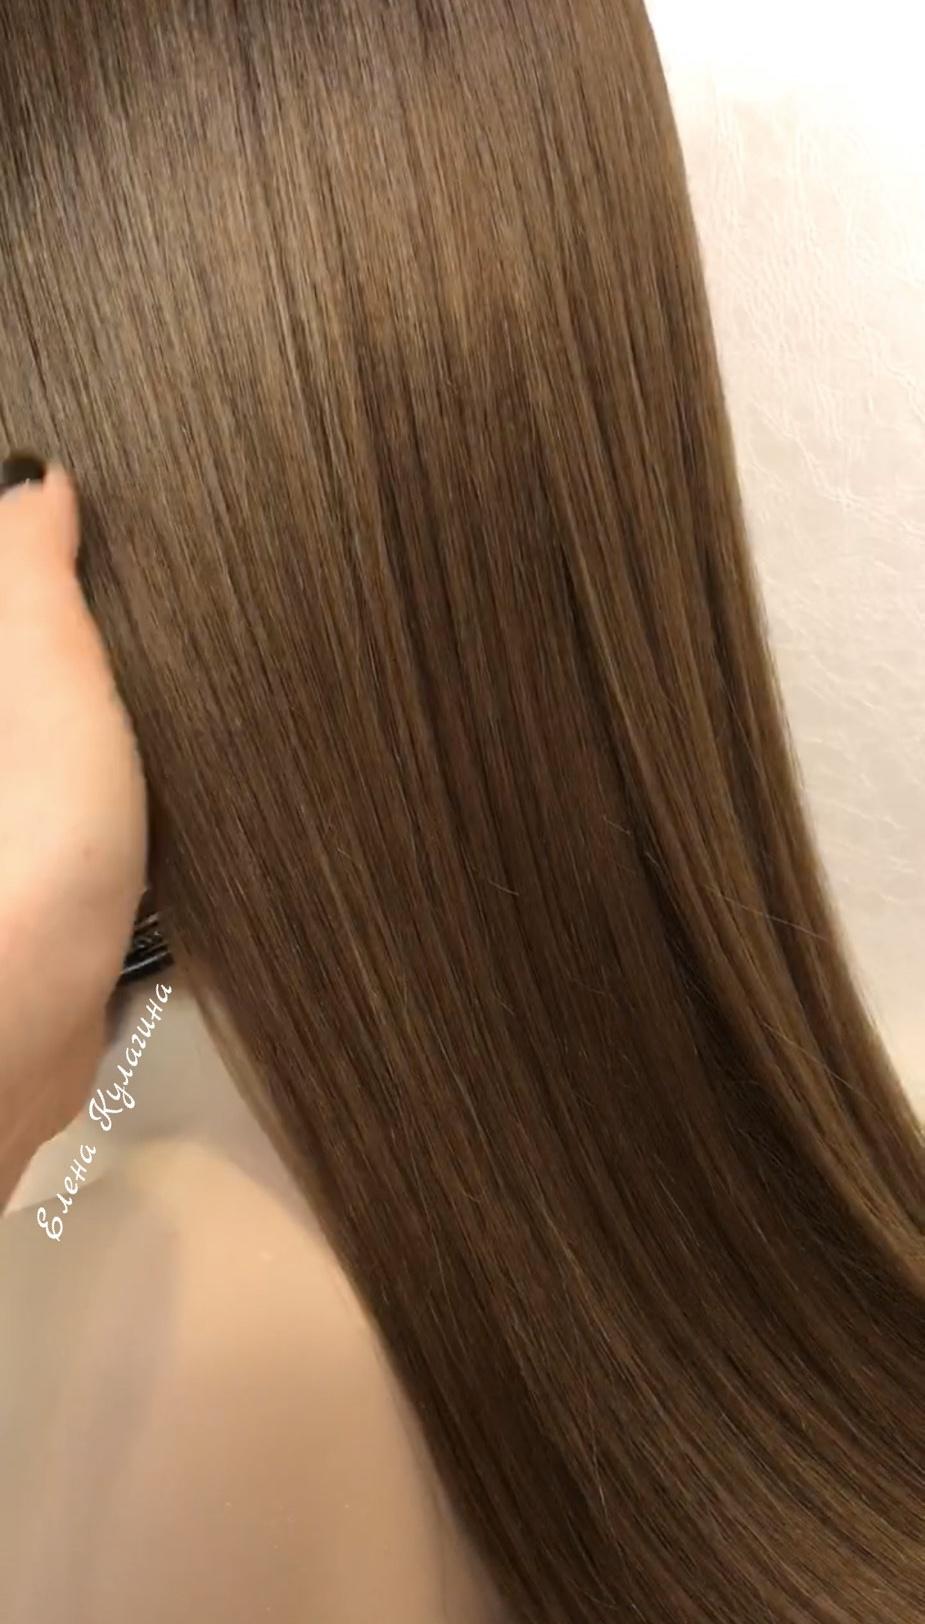 Все Мои Системы Замещения Волос вяжутся только из отборных донорских волос, они имеют тончайшее, гладкое, полностью дышащее сетчатое основание изнутри, что позволяет зафиксировать изделие плотно к голове, как для кратковременной носки, так и на длительный срок непрерывного ношения. Пробор можно делать в любой... прямой, боковой, косой, зигзагом... или вообще без пробора, т.к. спец. вставка из шелка полностью имитирует кожу головы.<br />Волосы подвижны на все 360 градусов, что даёт возможность делать любые стрижки, причёски и укладки. <br />Каждая Система собирается только полностью вручную ?? методом тамбуровки по индивидуальным меркам из мягких, высокого качества натуральных, донорских волос. Индивидуально окрашивается и стрижется по запросу клиента.